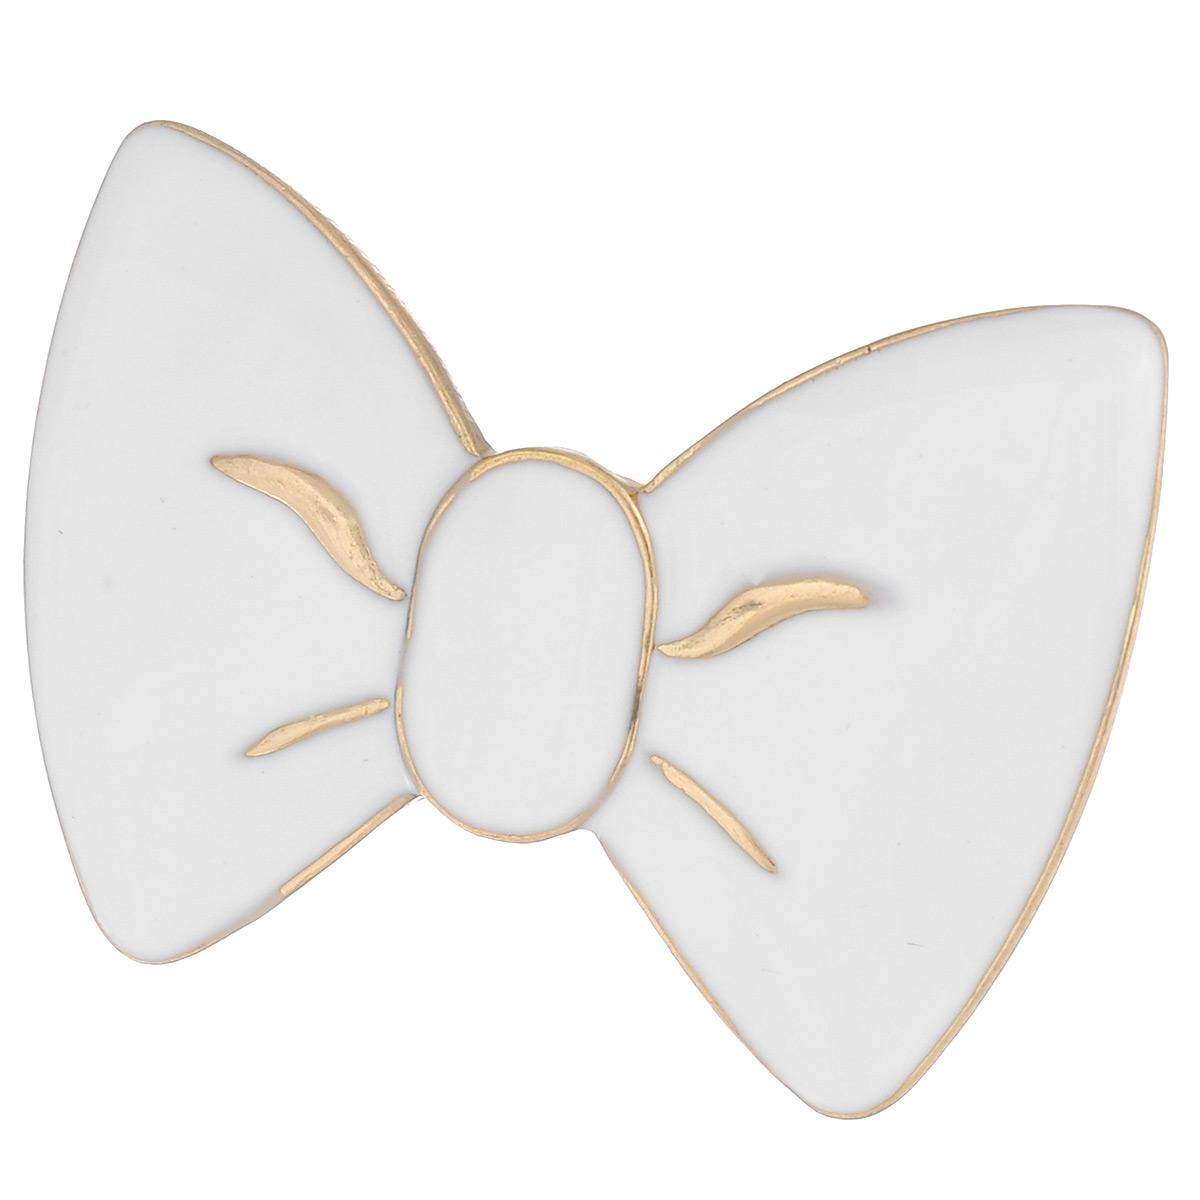 Кольцо Avgad, цвет: золотистый, белый. EA178JW162EA178JW162Оригинальное кольцо Avgad выполненное из ювелирного сплава и эмали в виде бантика. Элементы кольца соединены с помощью тонкой резинки, благодаря этому оно легко одевается и снимается. Размер универсальный. Кольцо позволит вам с легкостью воплотить самую смелую фантазию и создать собственный, неповторимый образ.